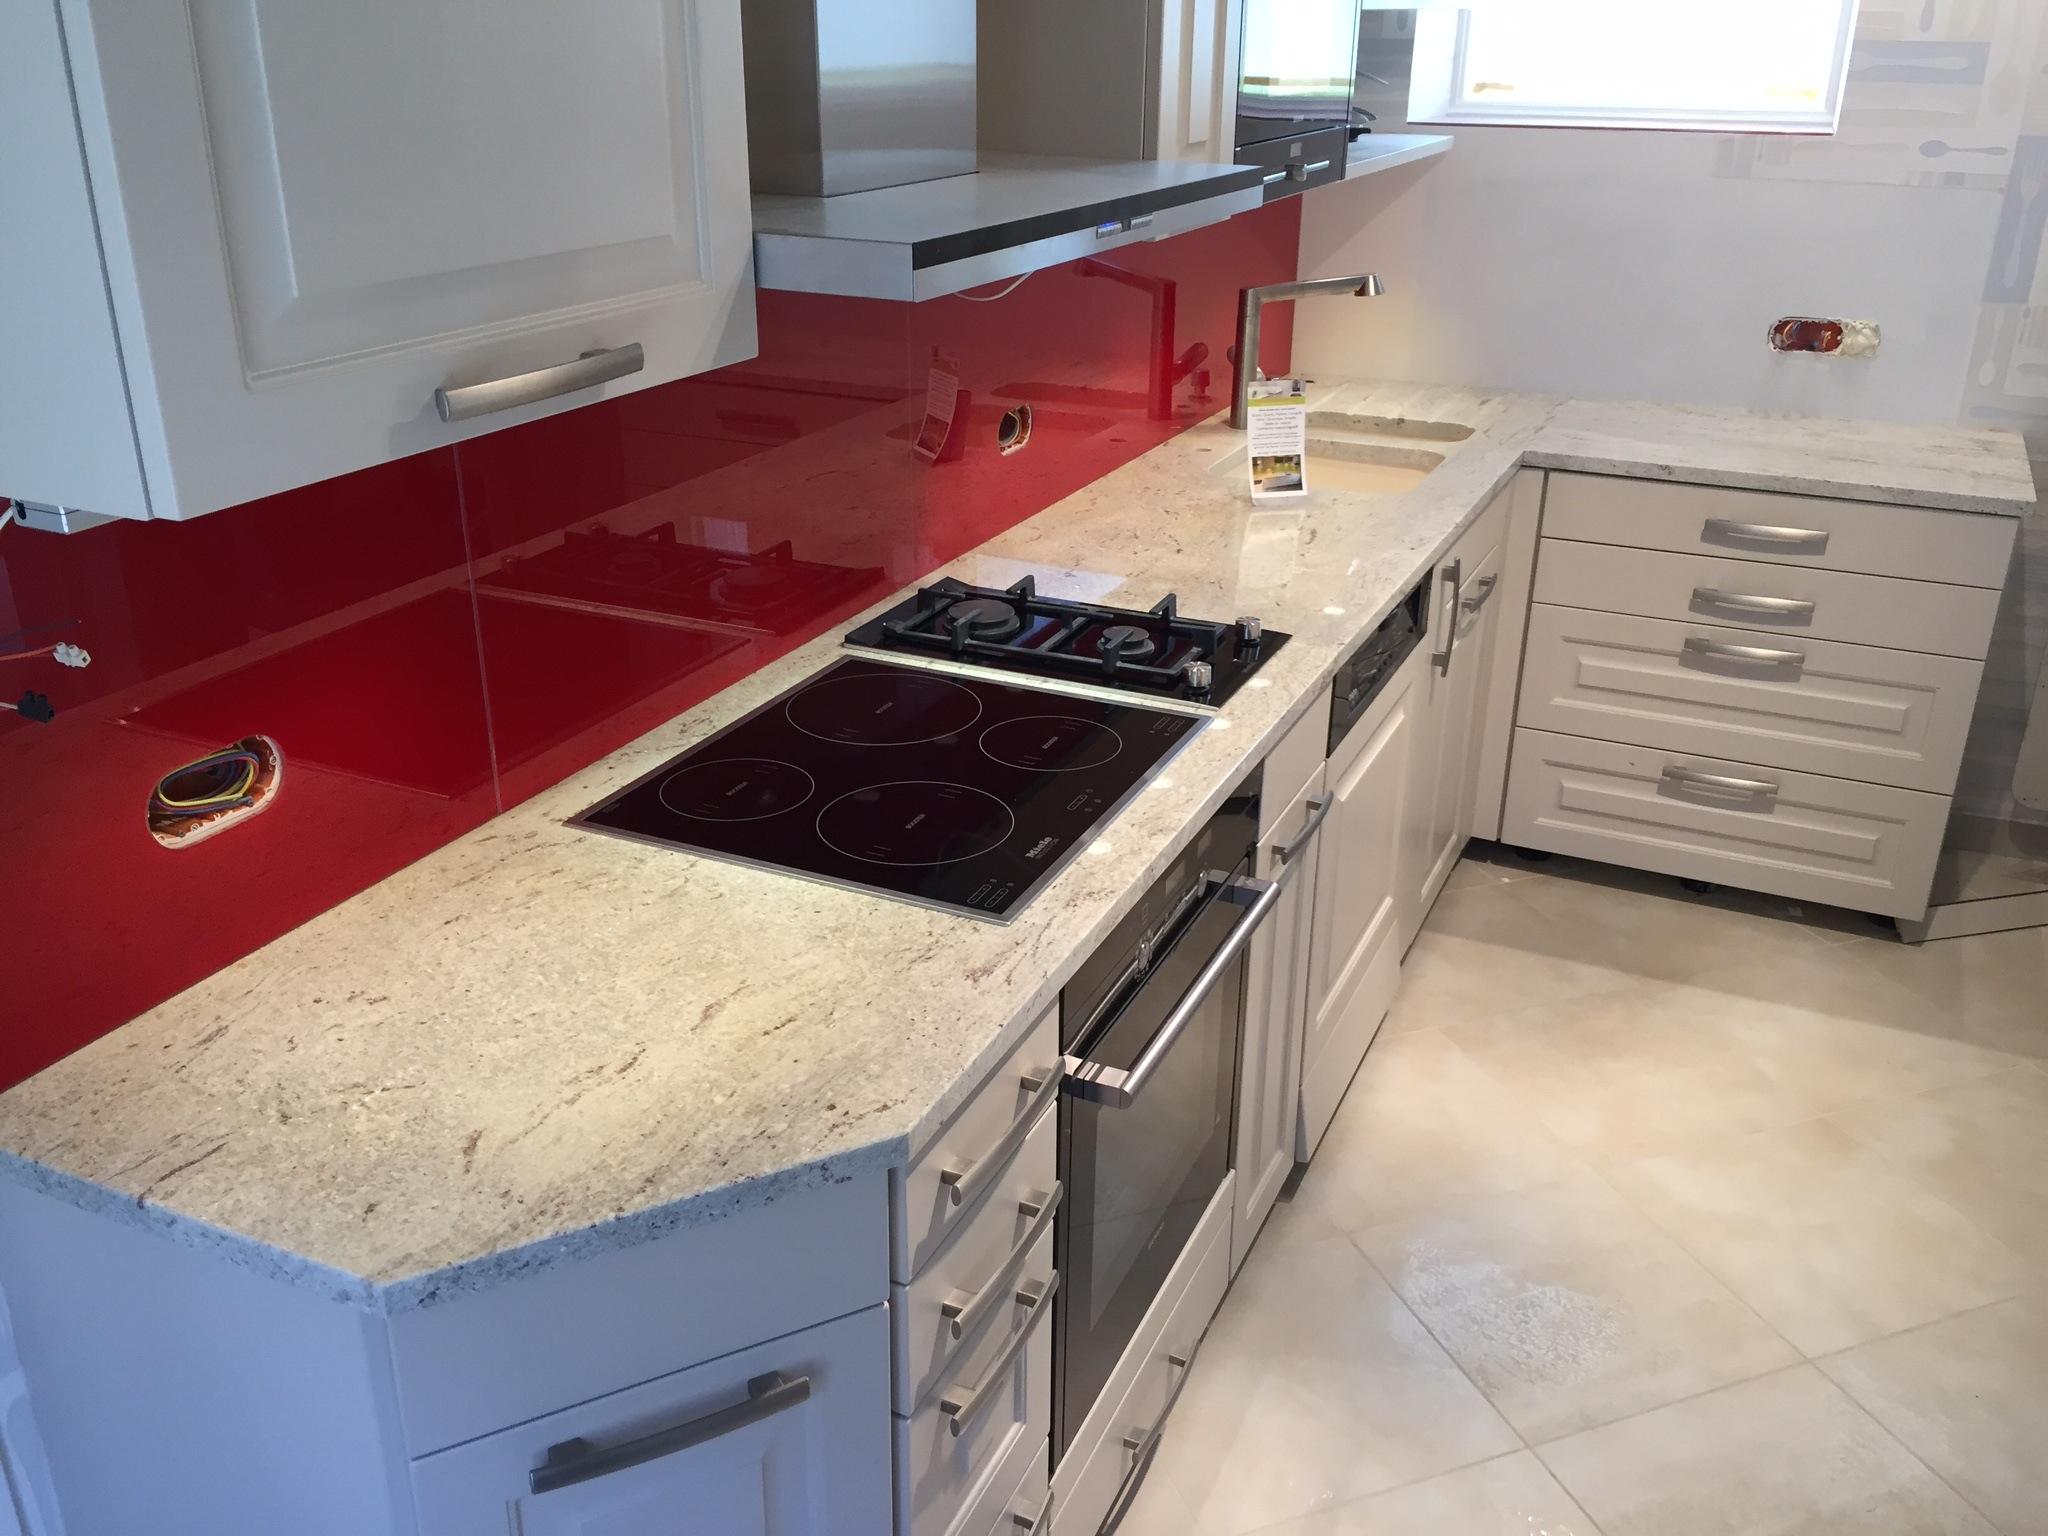 plan de travail cuisine en granit good plan de travail cuisine granit plan travail cuisine. Black Bedroom Furniture Sets. Home Design Ideas